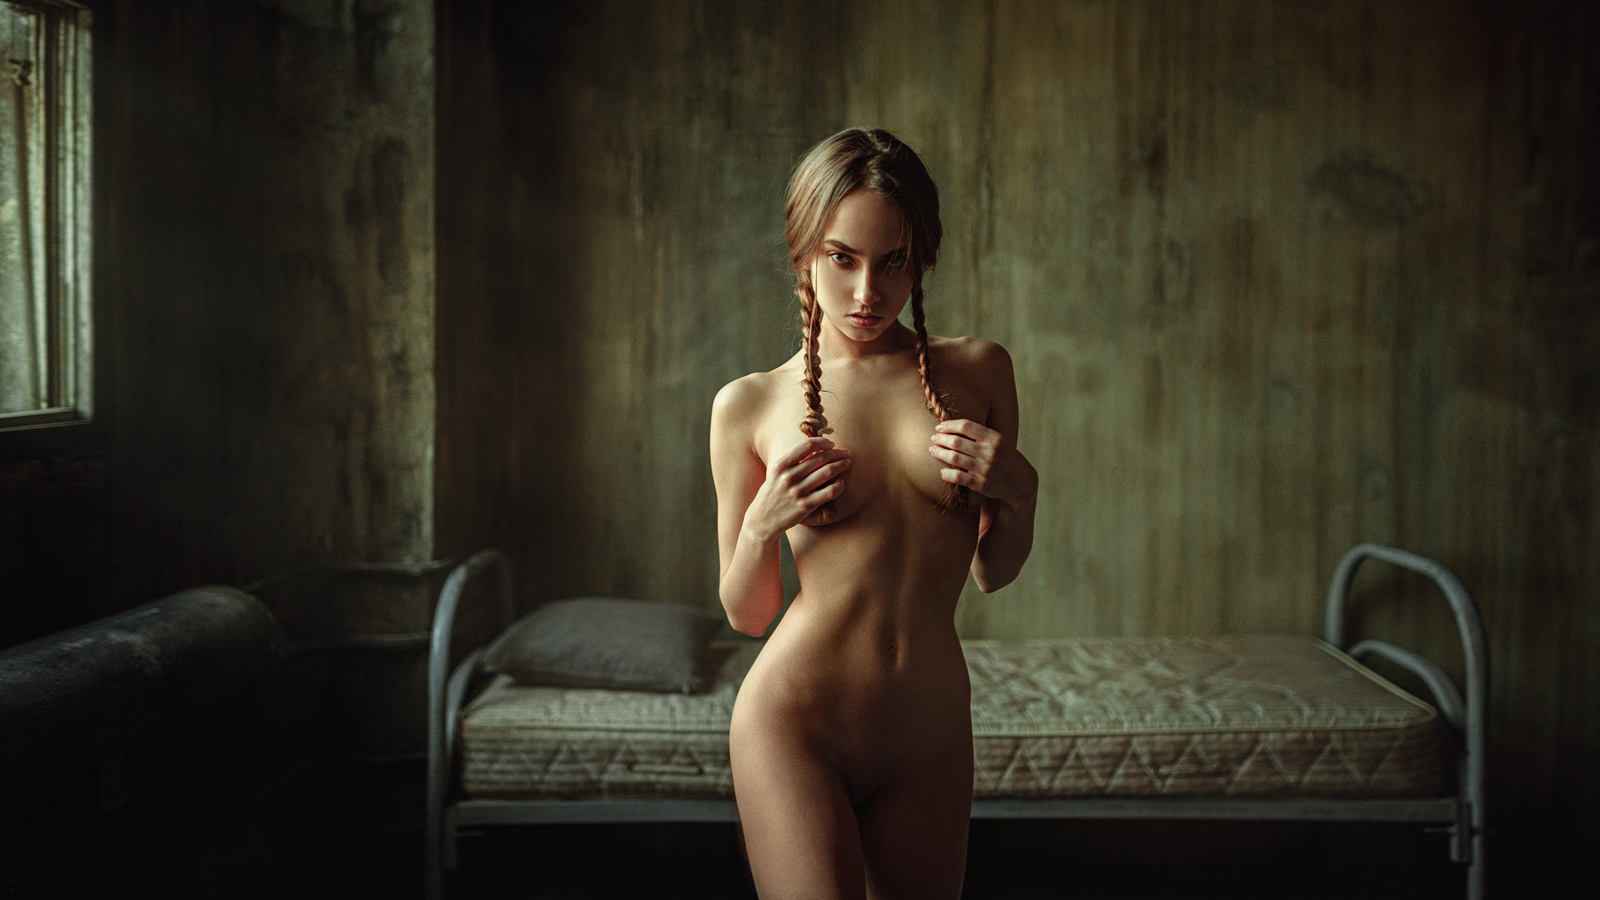 Катя / фотограф Георгий Чернядьев